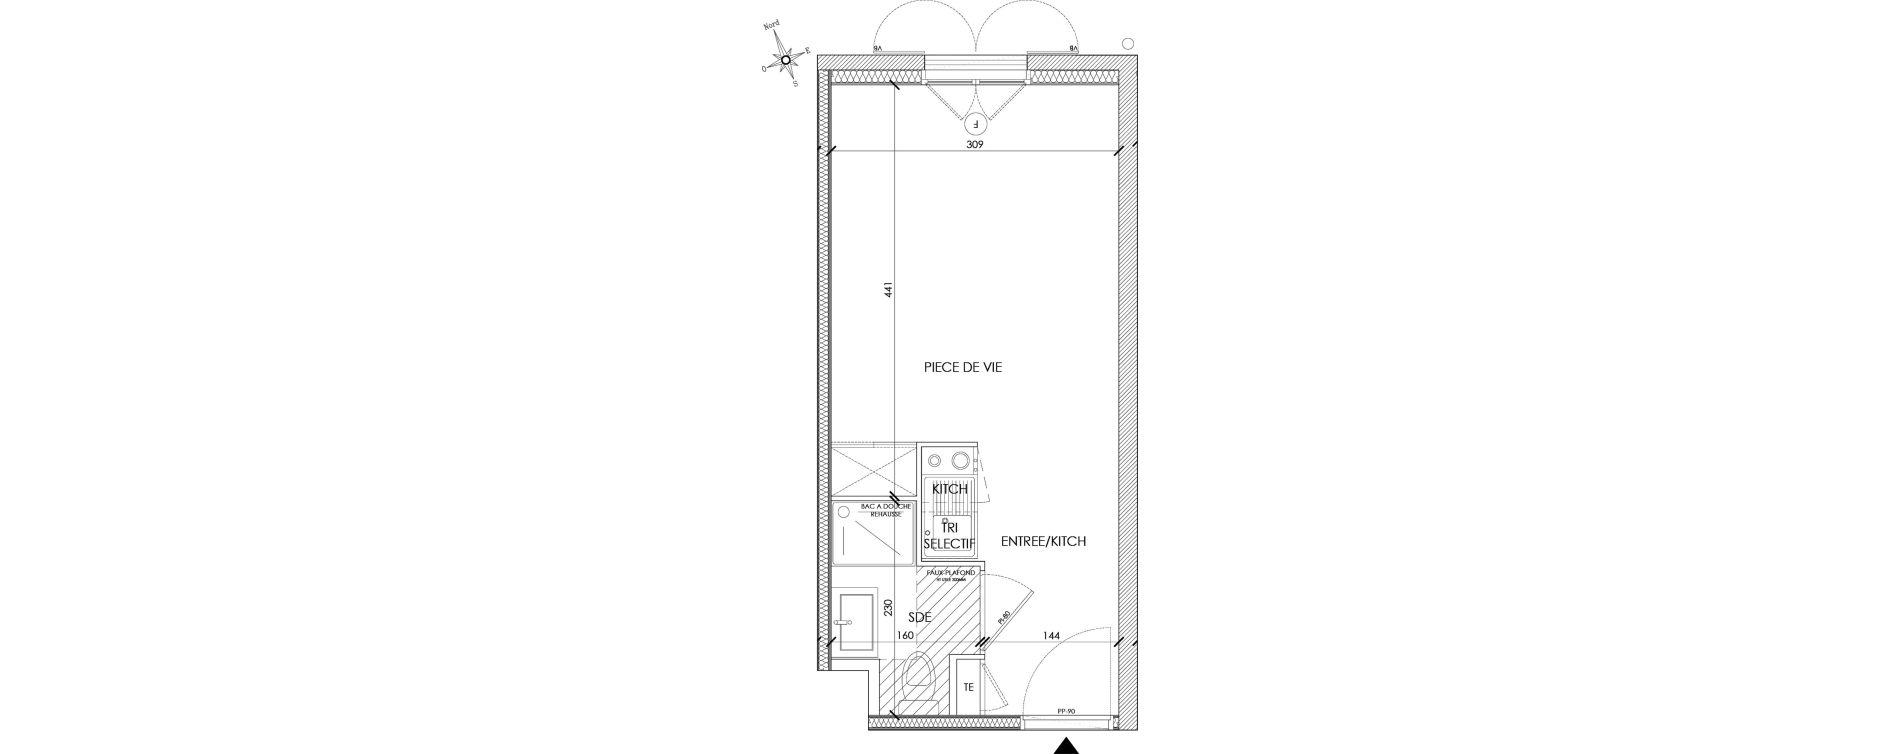 Appartement T1 meublé de 20,11 m2 à Pontoise Centre